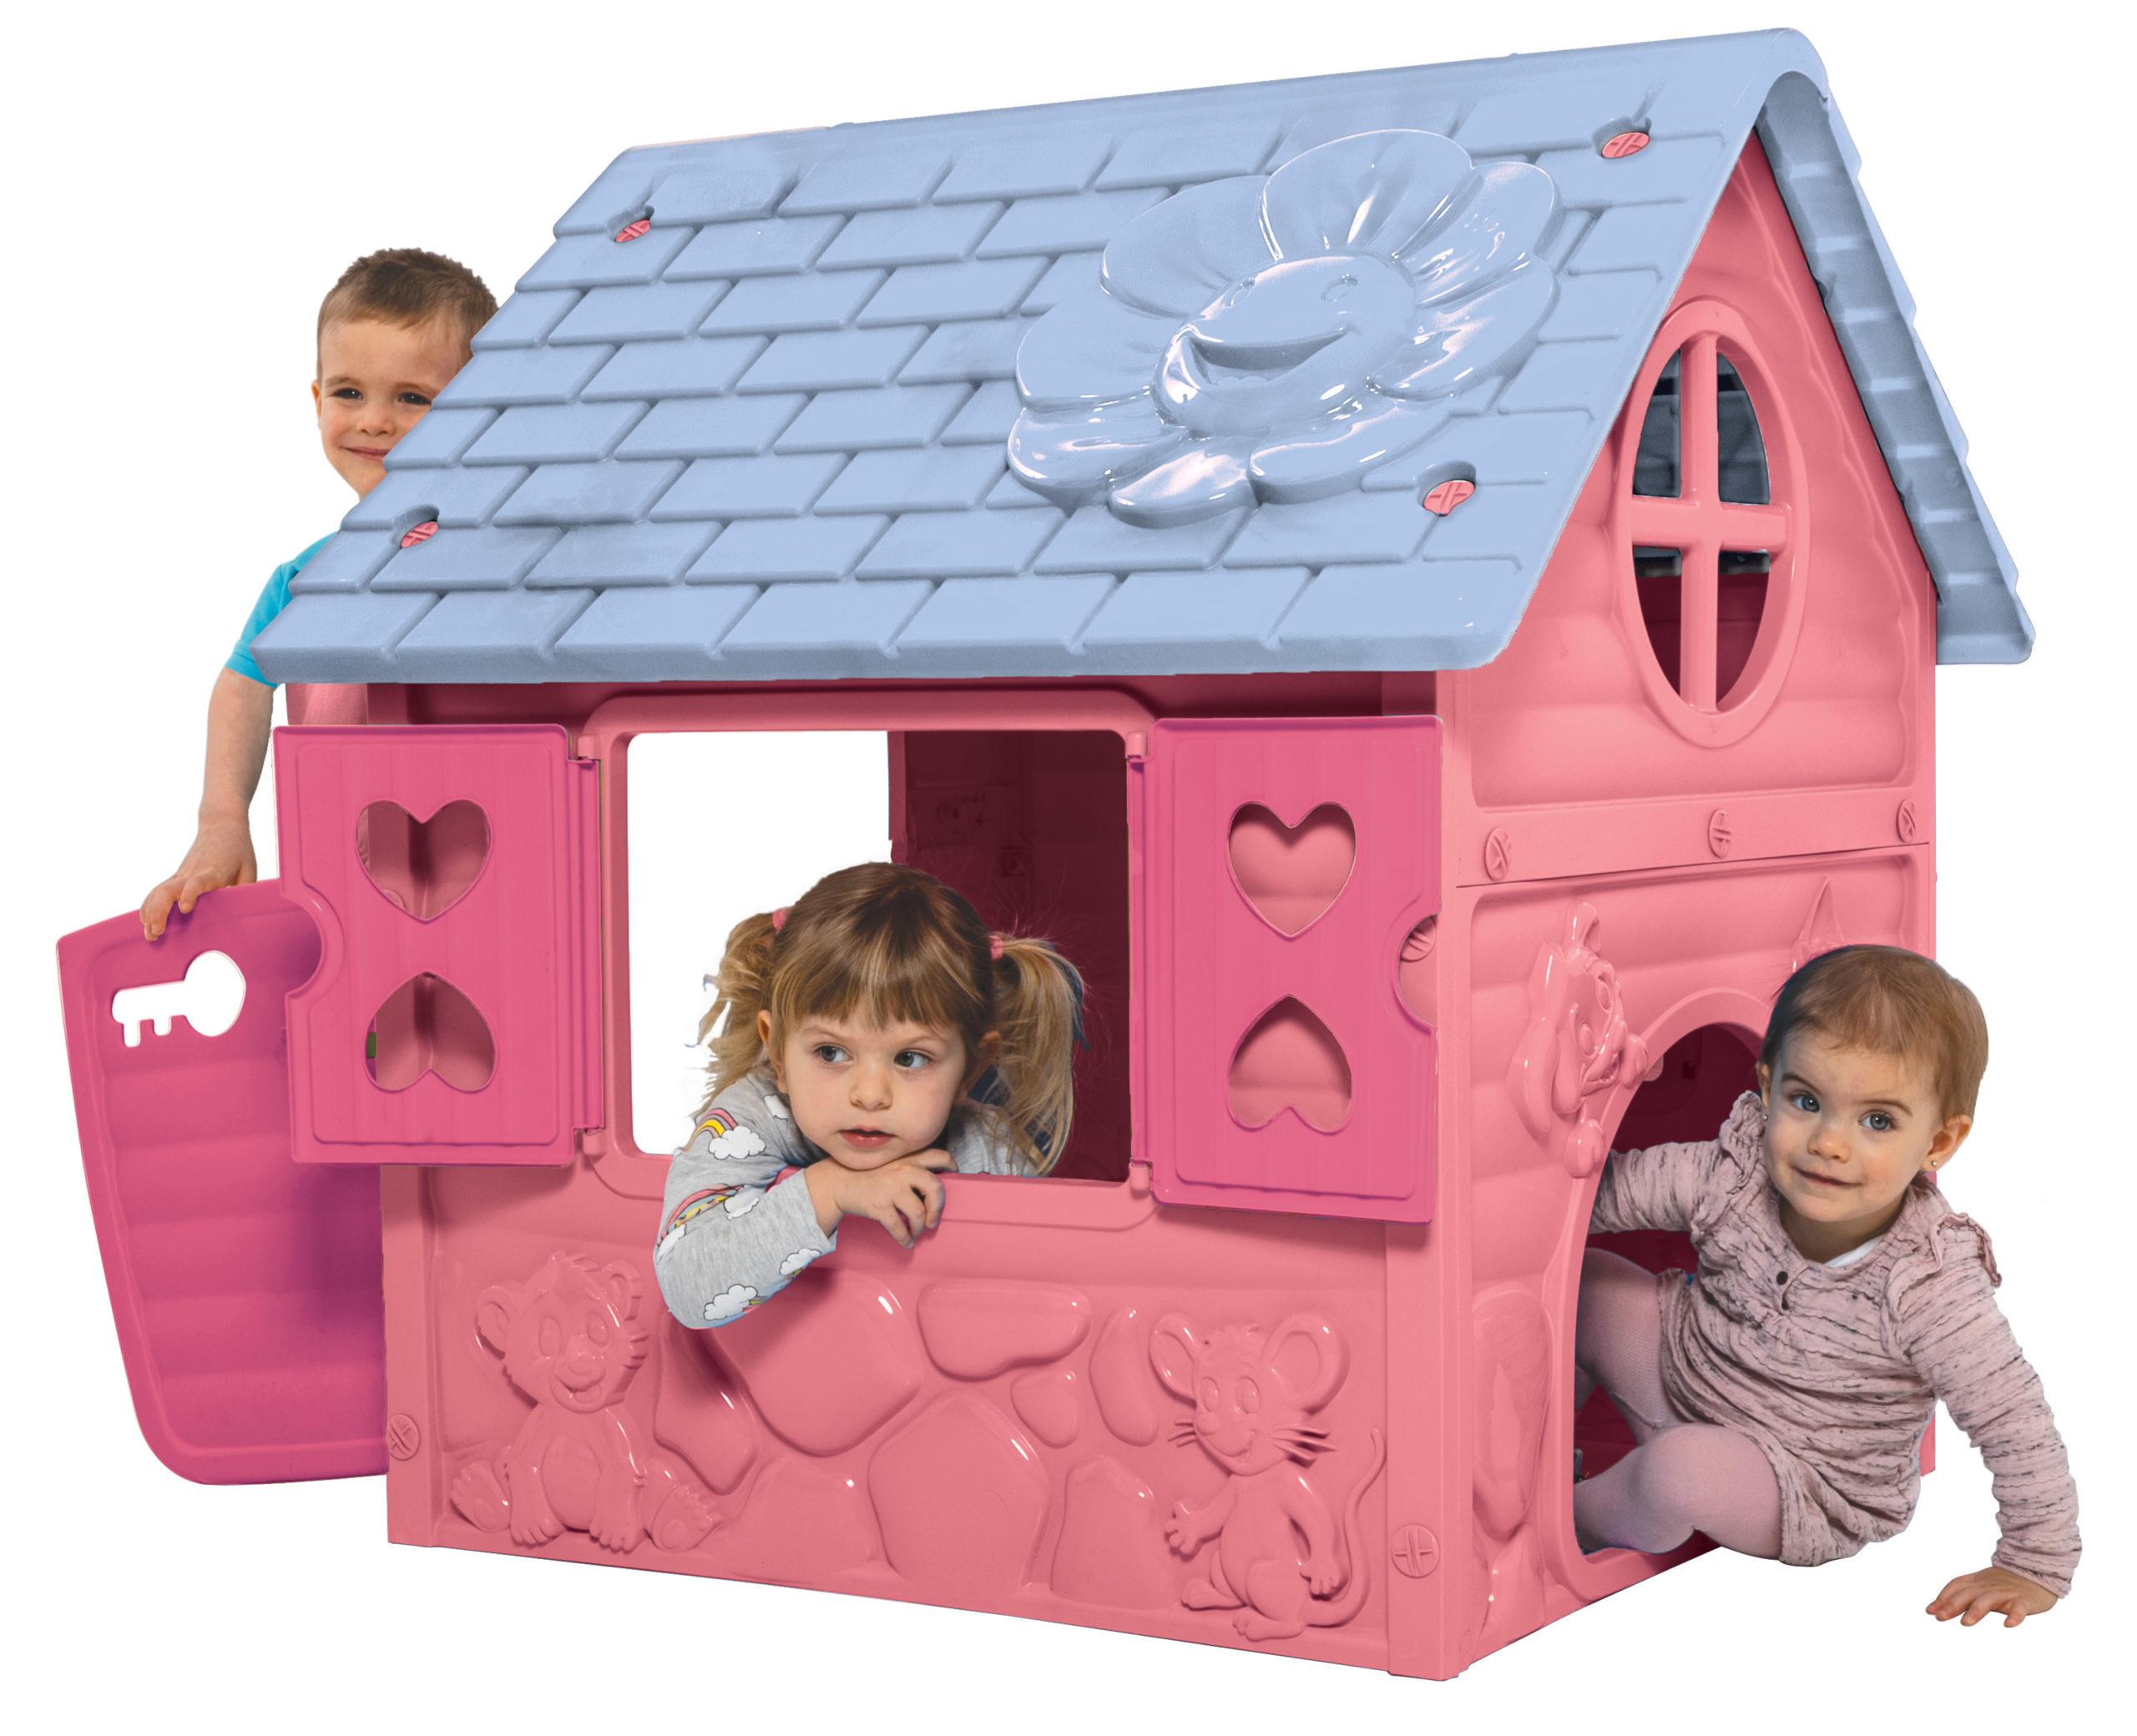 rózsaszín műanyag virágos játékház gyerekekkel